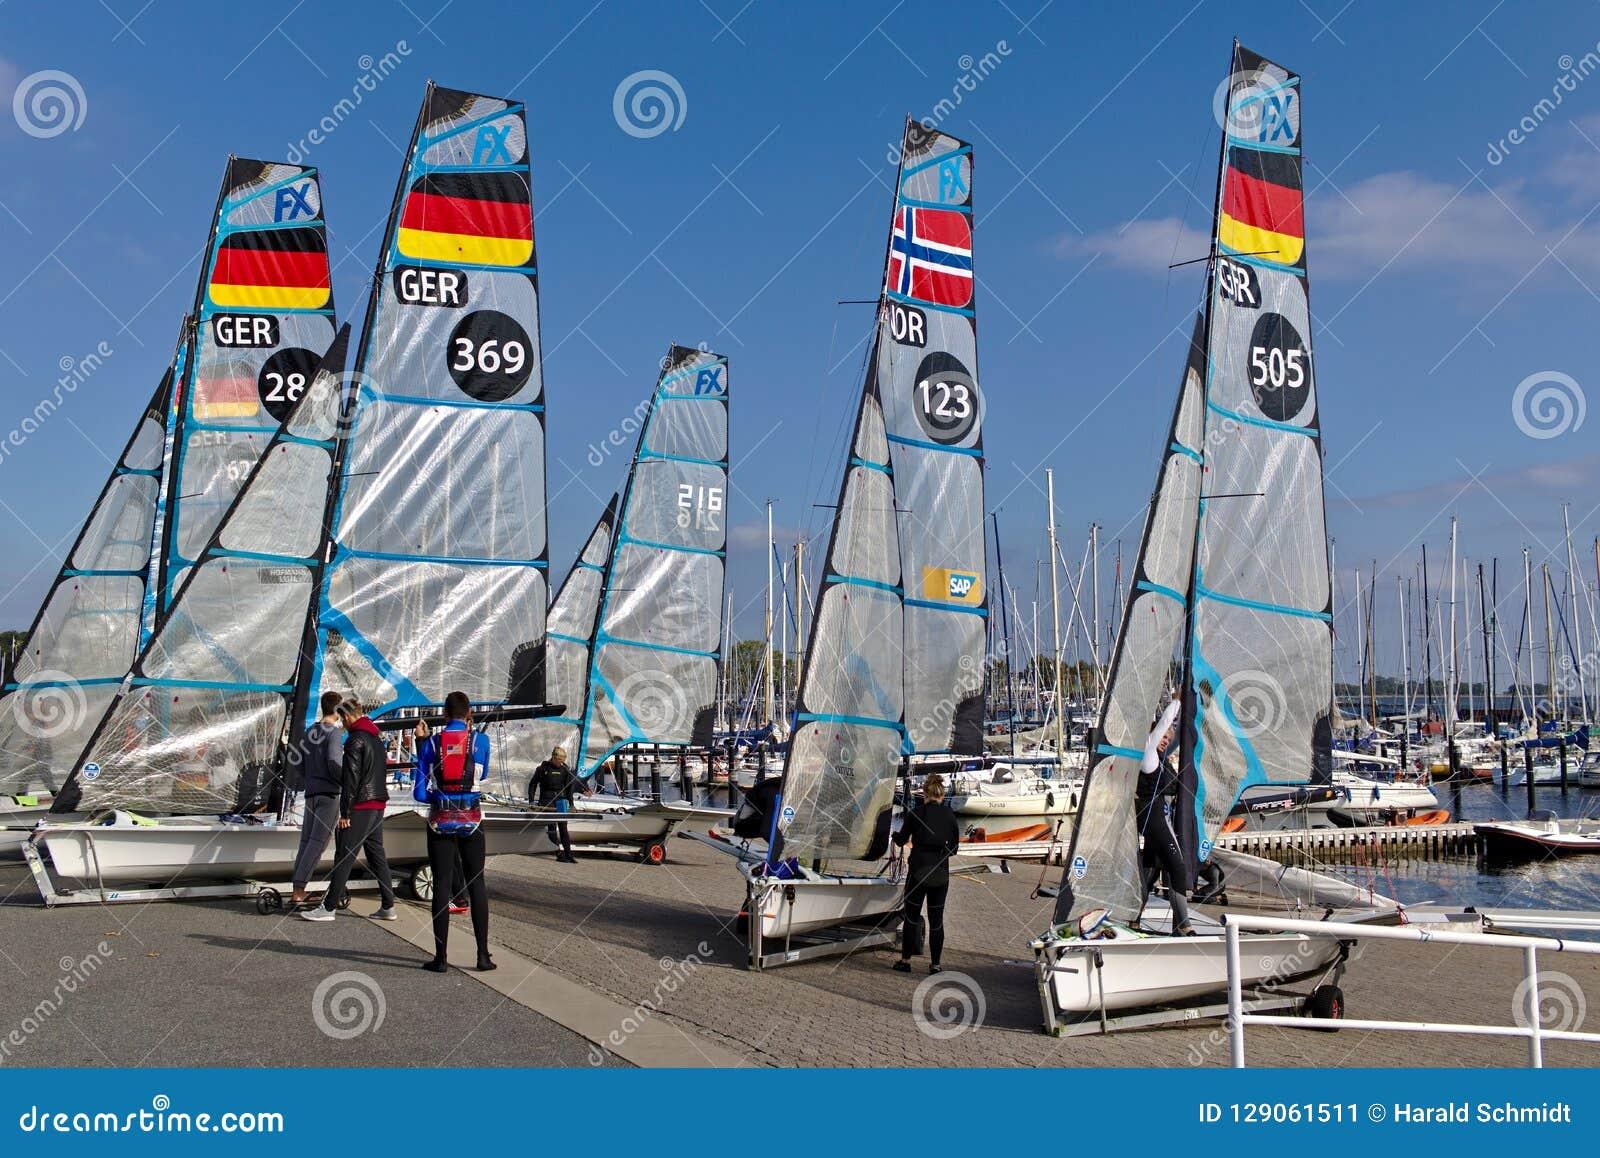 Kiel, Duitsland - September negende, 2018 - Verscheidene 49er FX-rubberboten op de kust met hun bemanning na opleiding